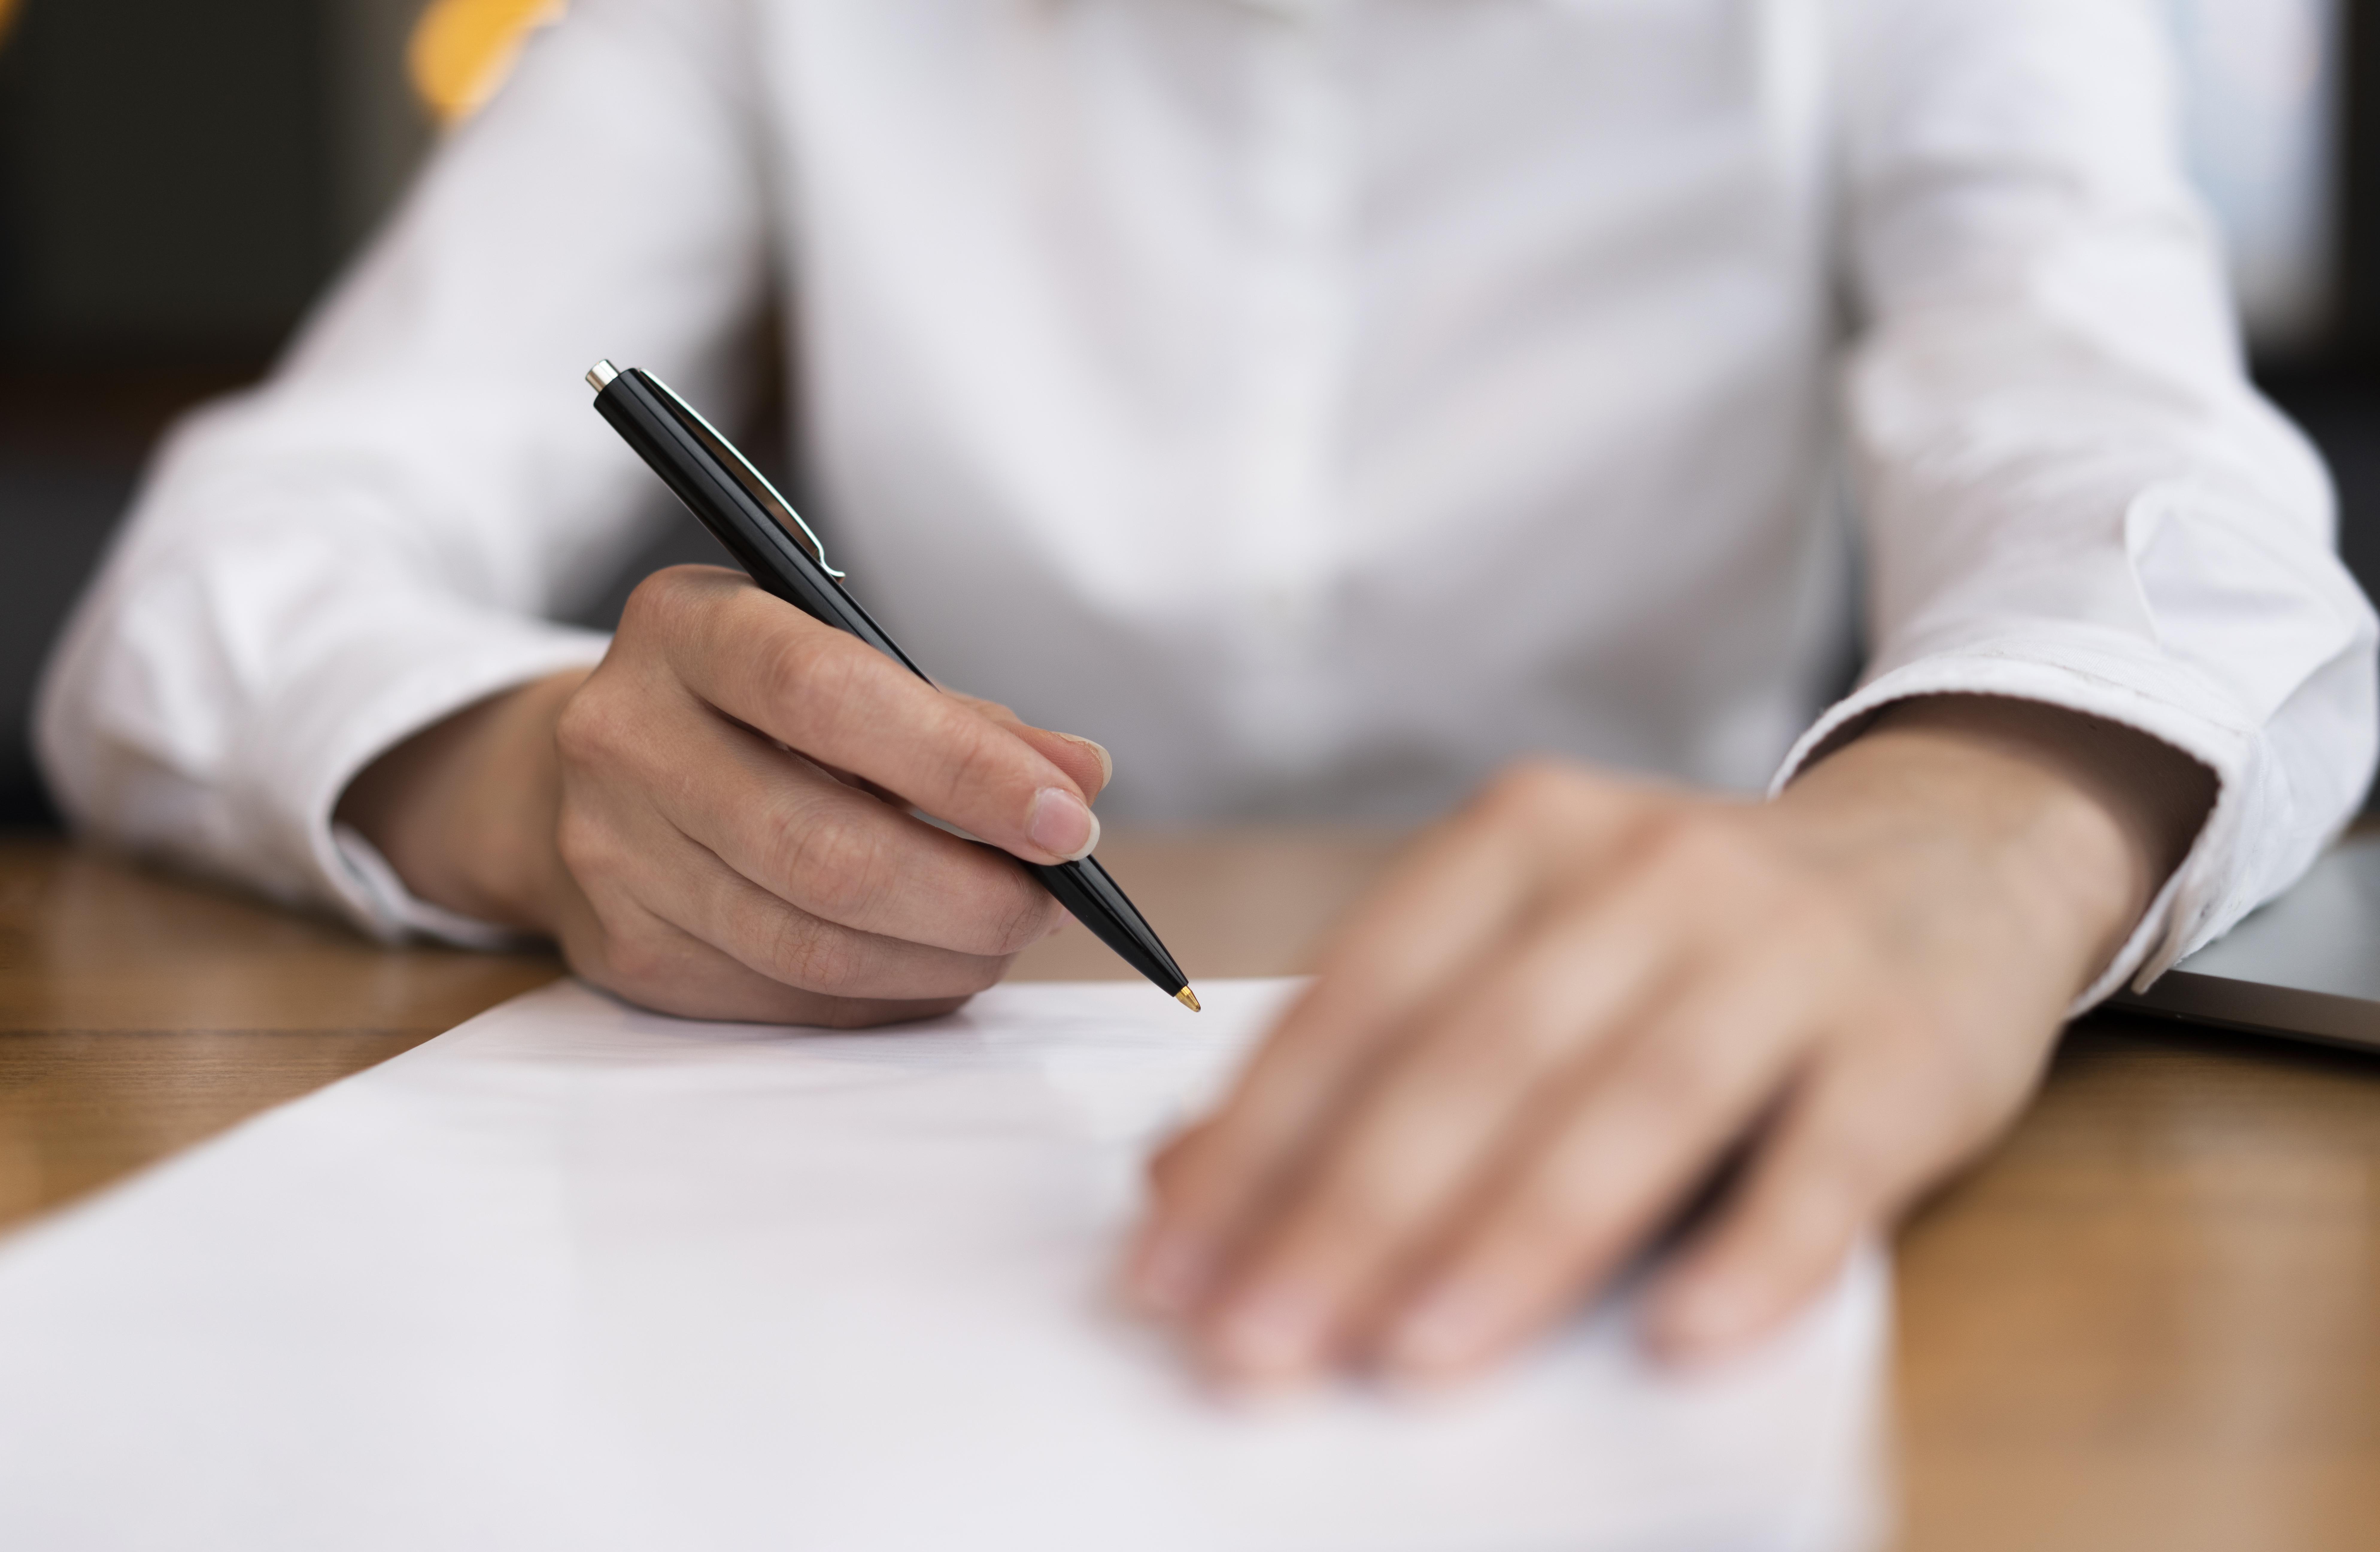 preliminare di compravendita compromesso firma sognando casa ravenna